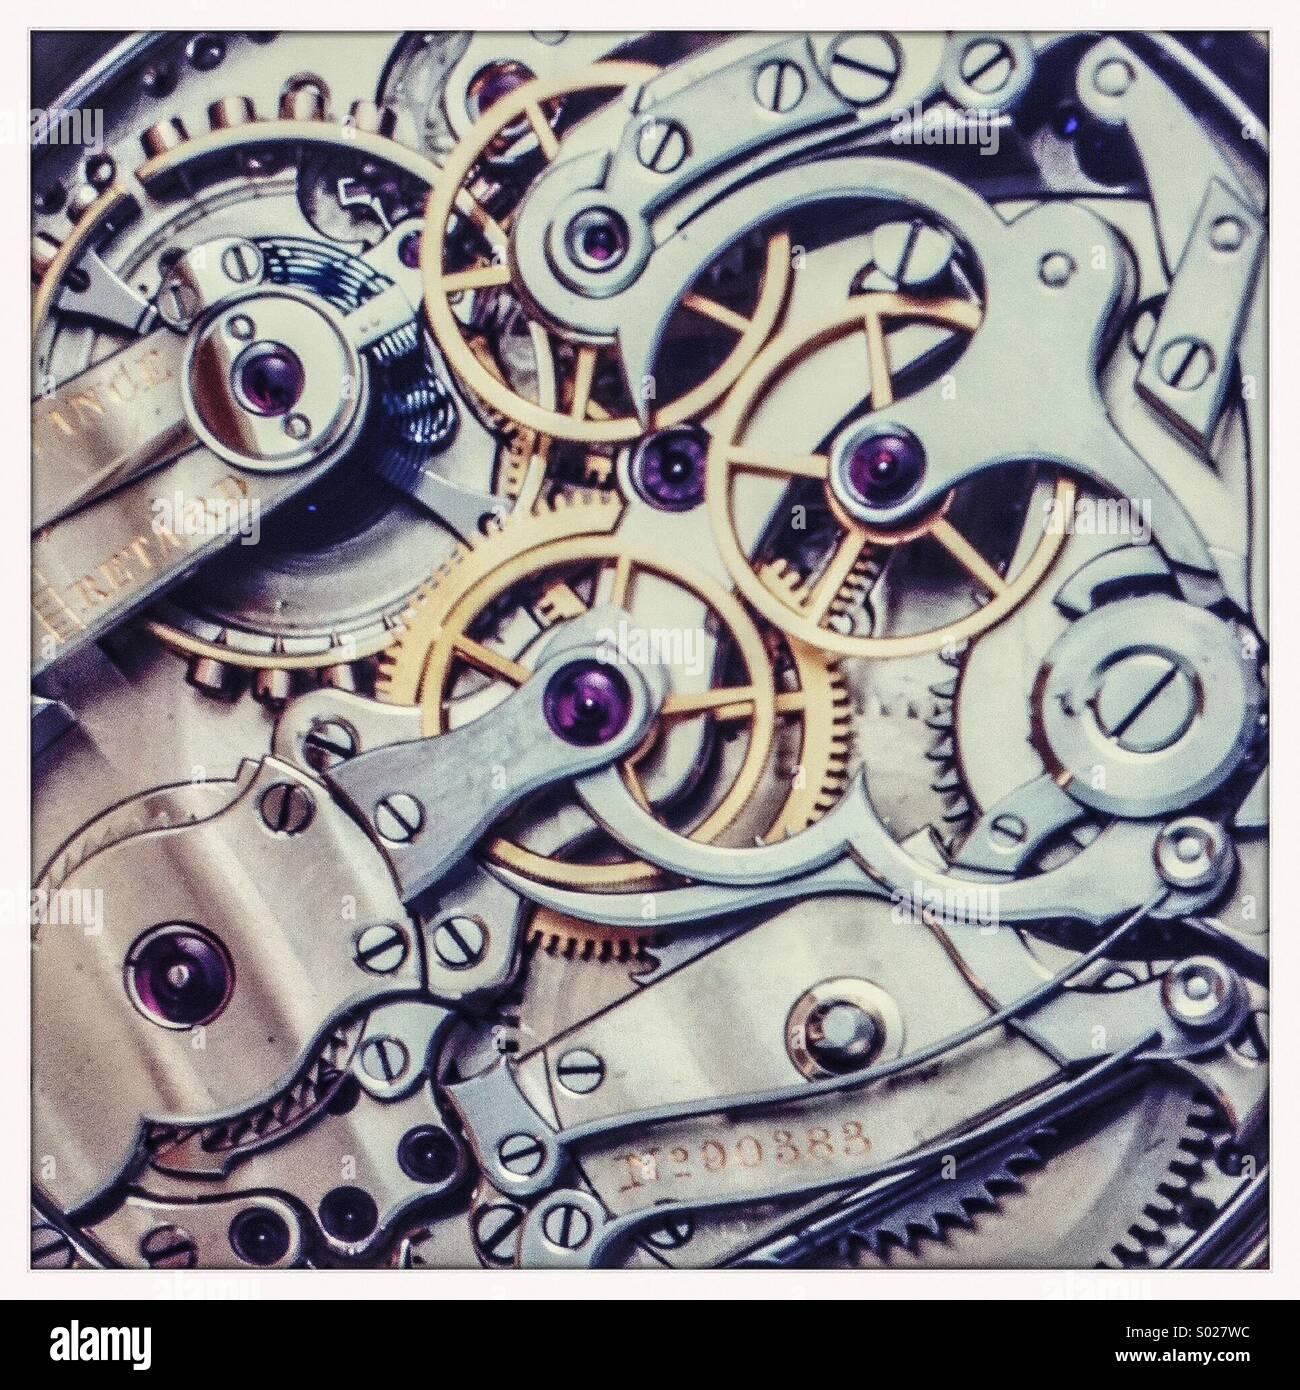 Vista cercana del movimiento de un reloj de bolsillo Imagen De Stock